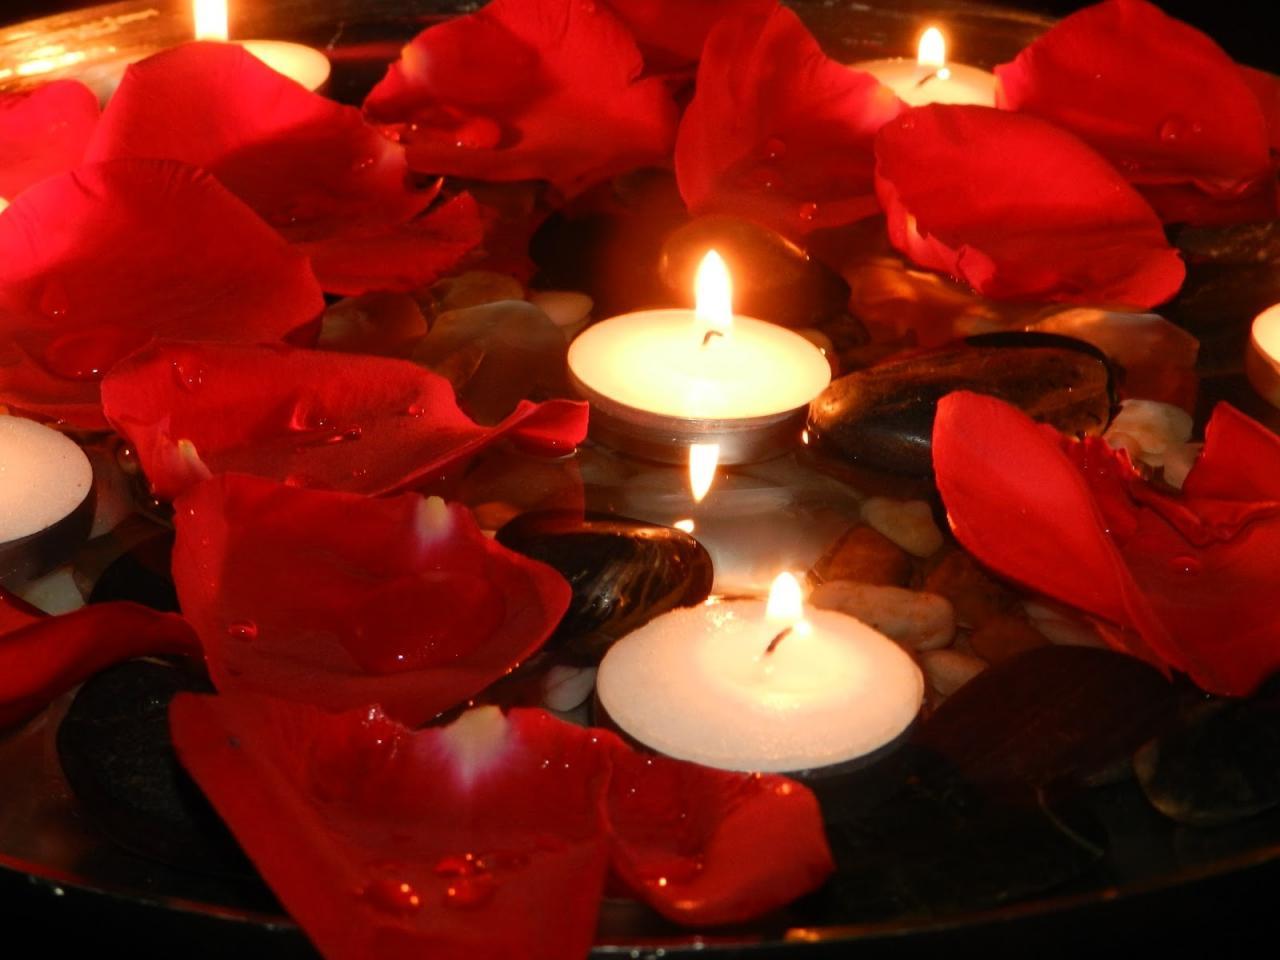 صورة اشكال شموع رومانسية , جو من الرومنسيات من الشموع 2536 1